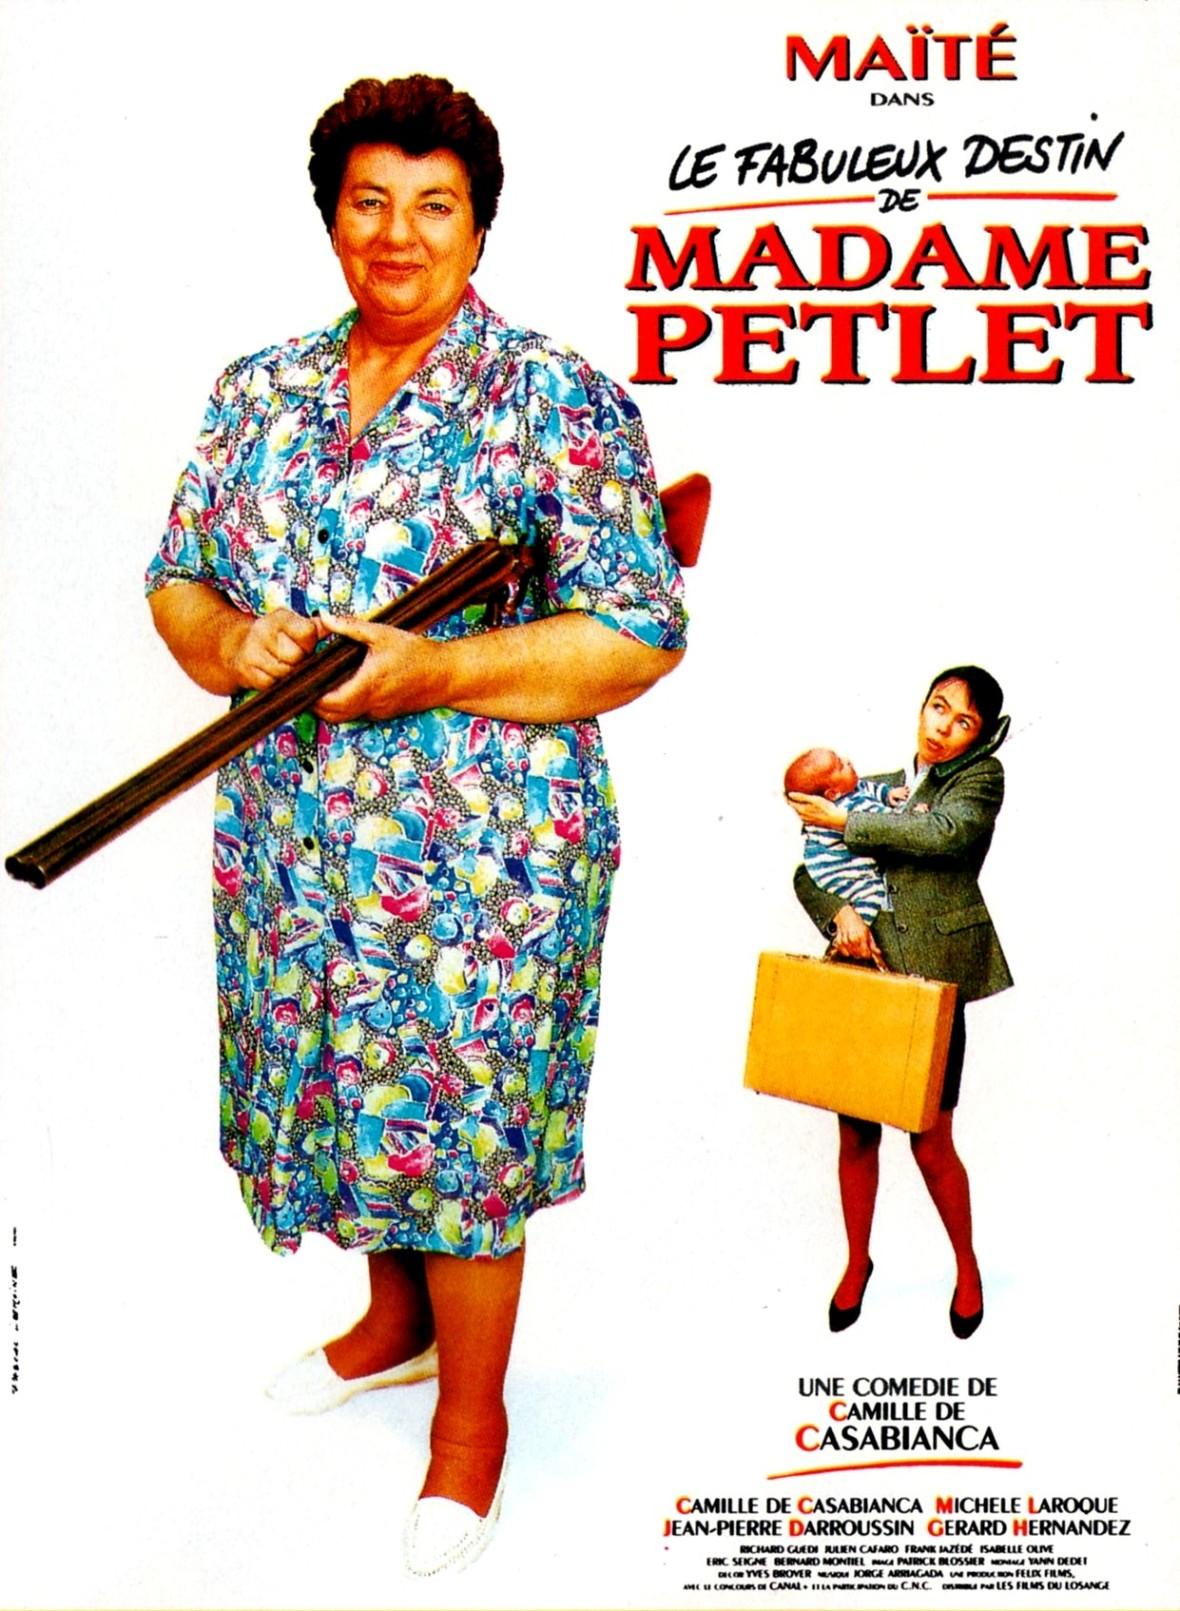 affiche du film Le Fabuleux Destin de Madame Petlet